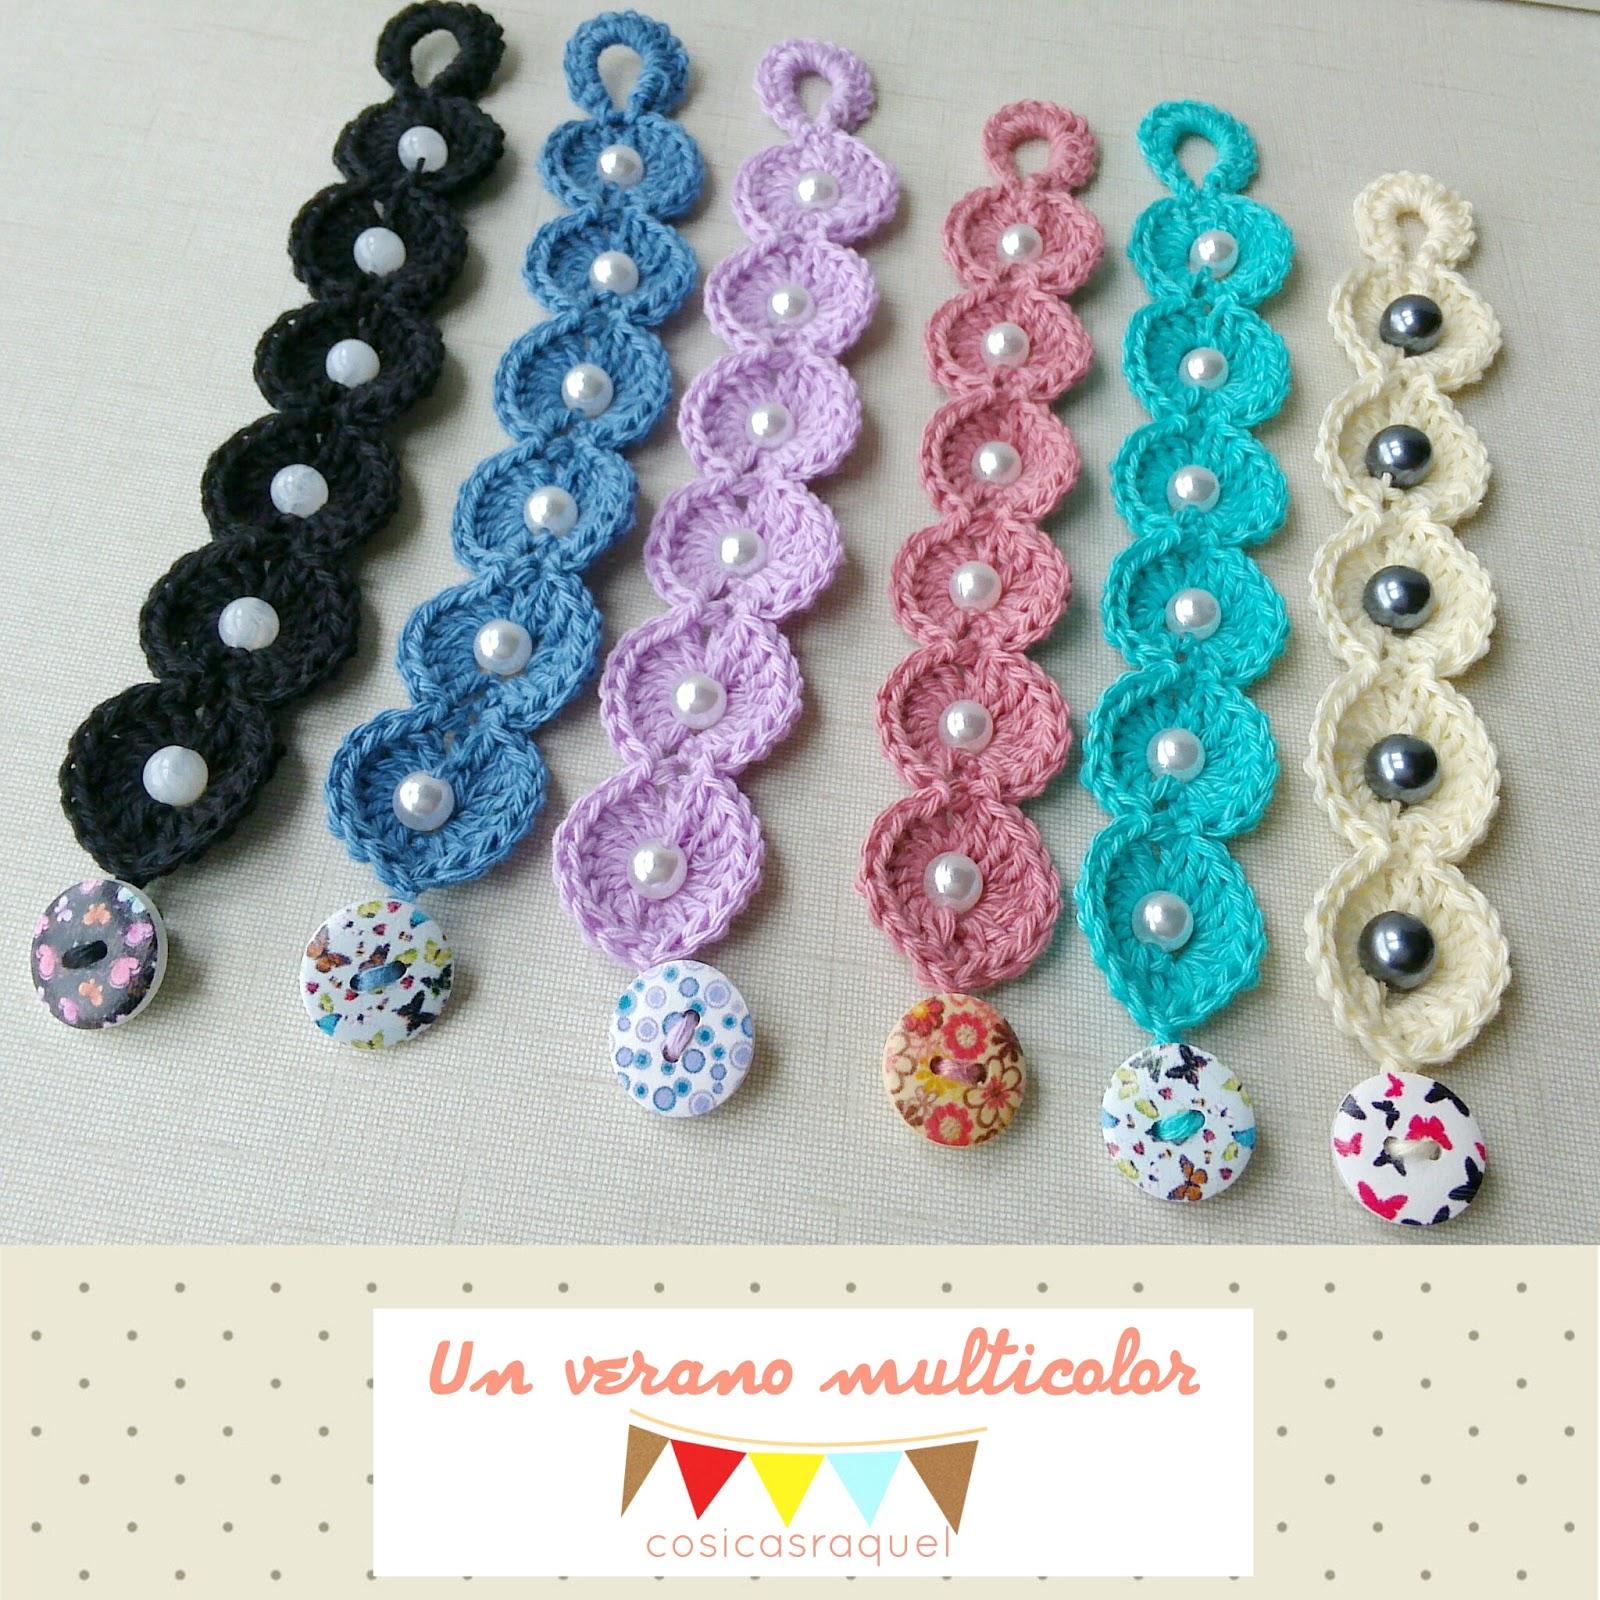 Cosicasraquel pulseras de crochet - Ideas para hacer ganchillo ...